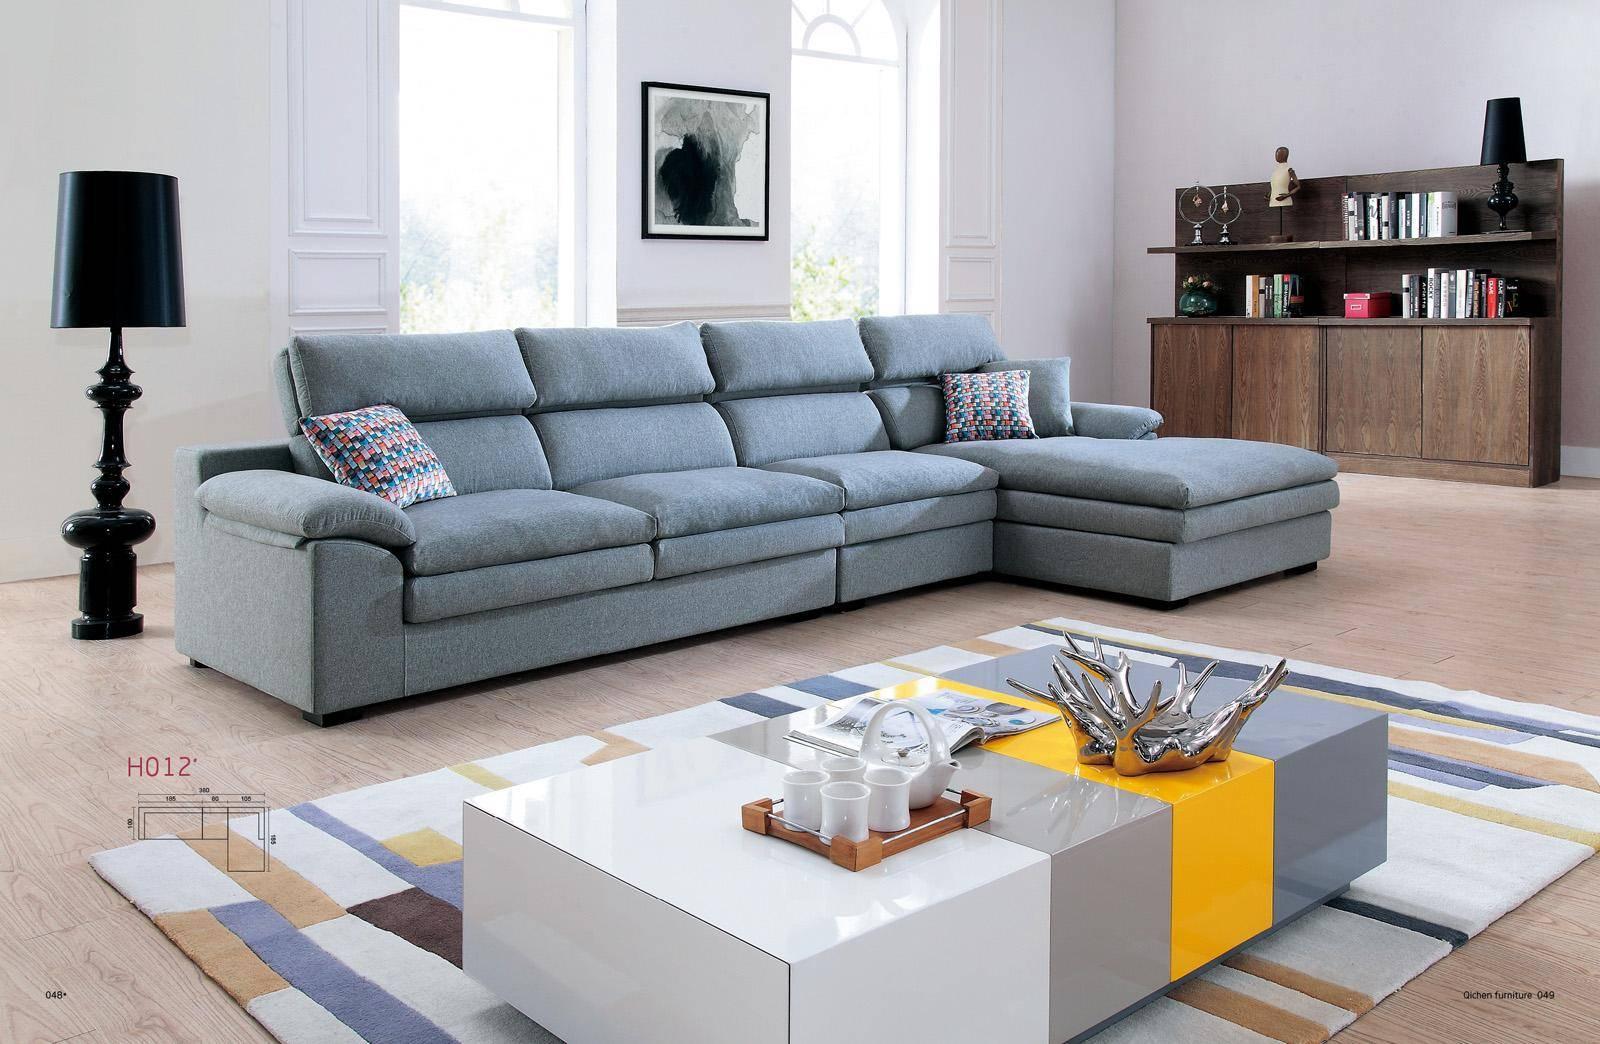 家里再有钱也不要买这种沙发,智慧人老